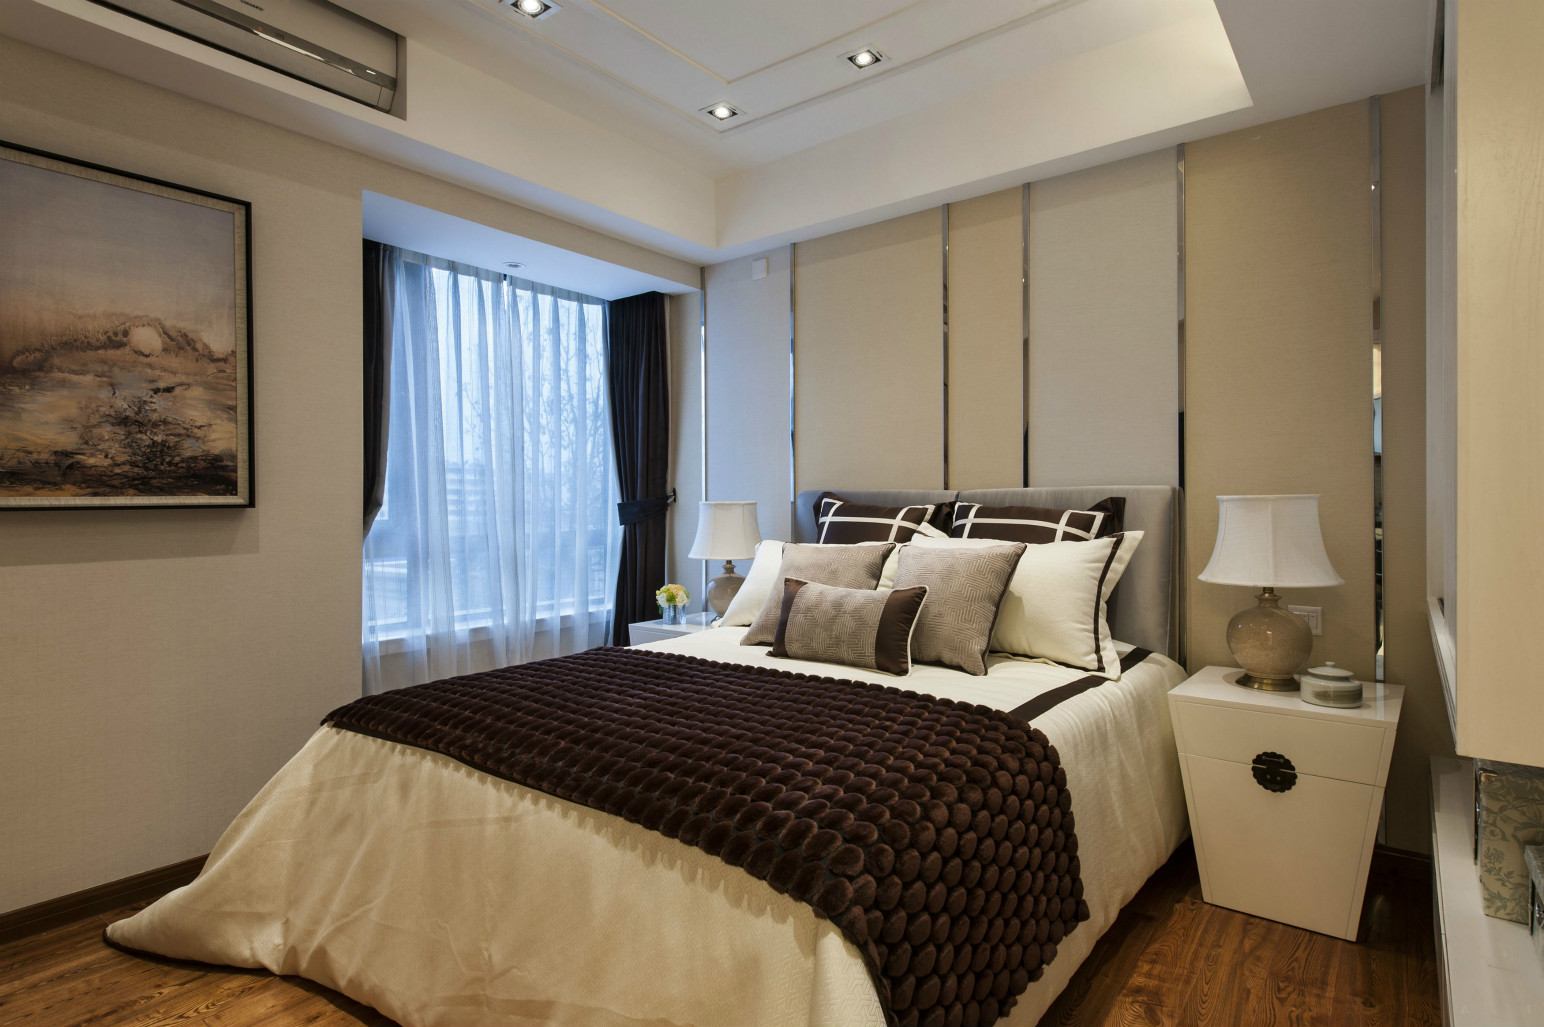 卧室中放置着清晰直线条大床,搭配上棕米两色床品,整个内敛雅致之感